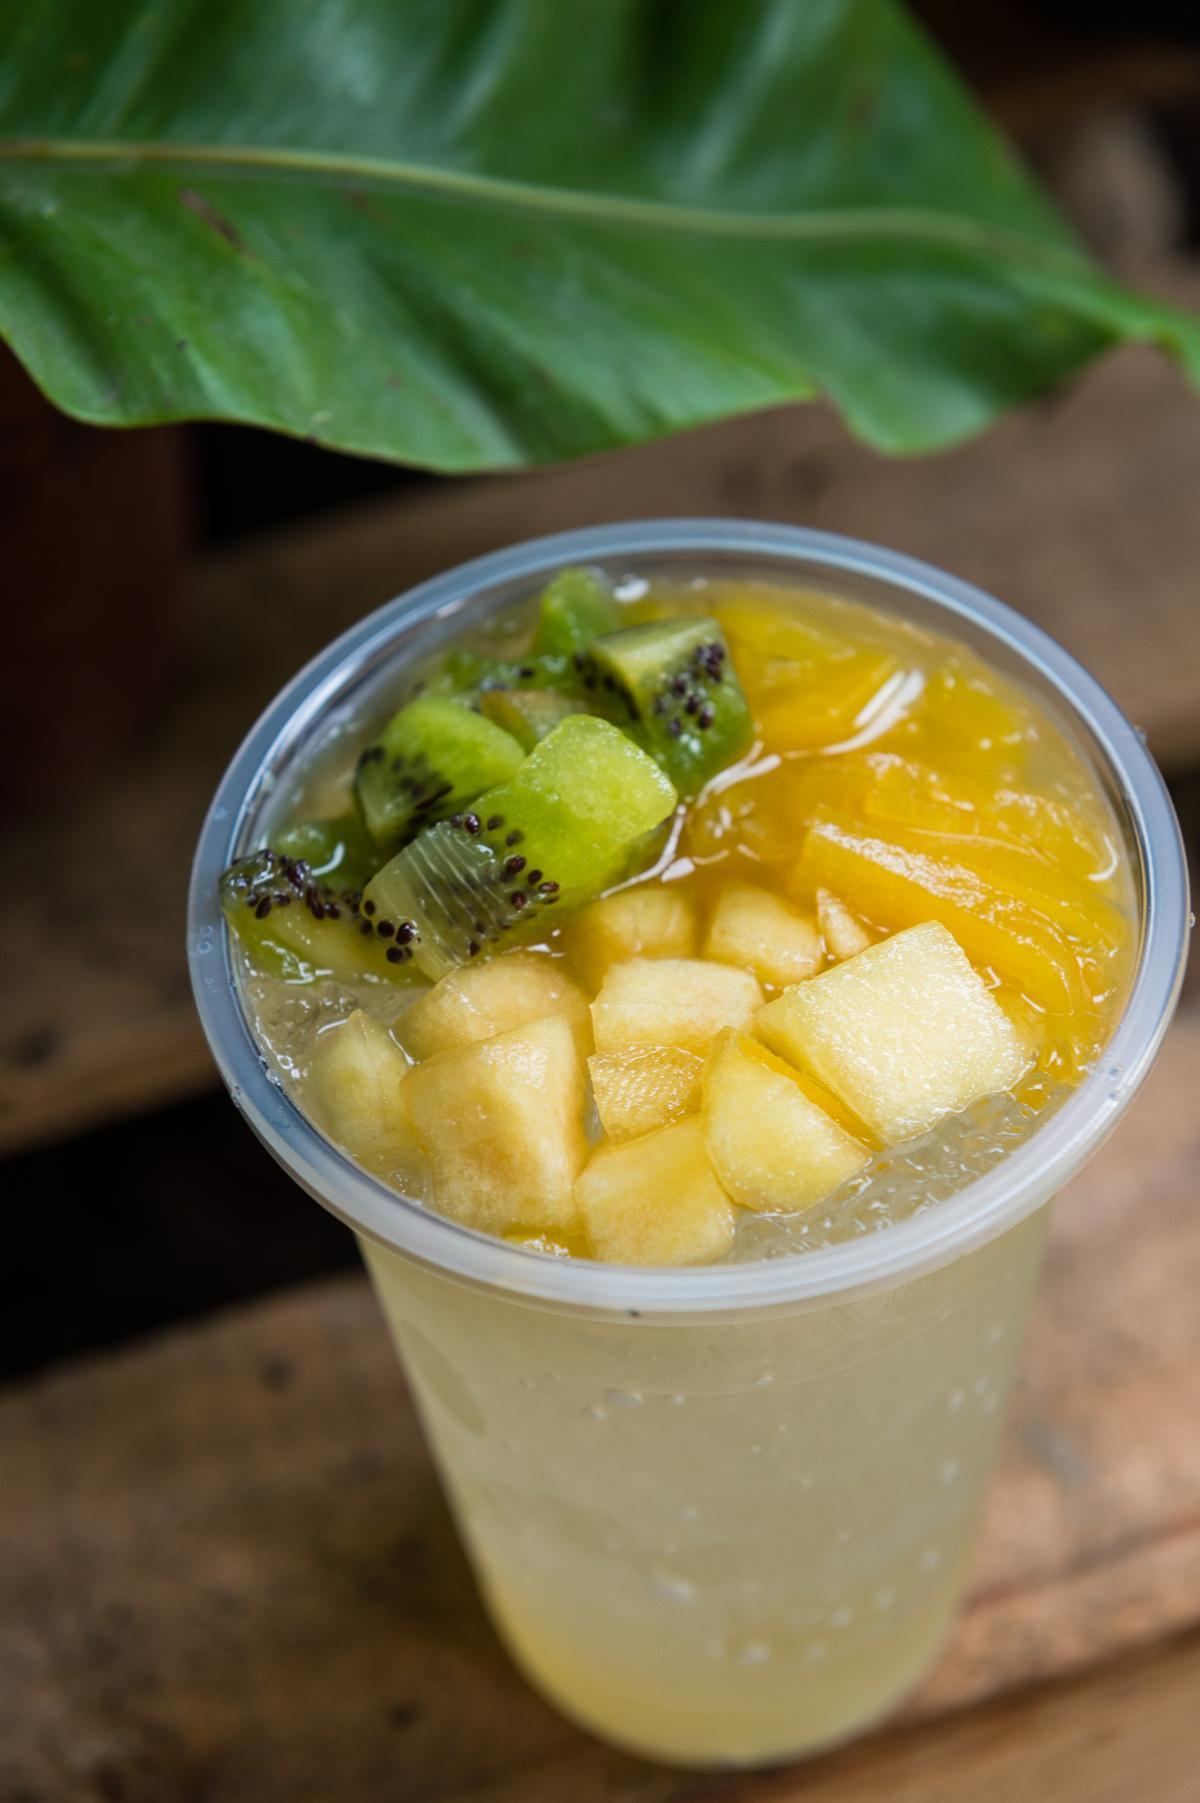 劉姐以醃漬水果製成的冰品,滋味單純卻美味,解暑也解辣。(50元/杯)